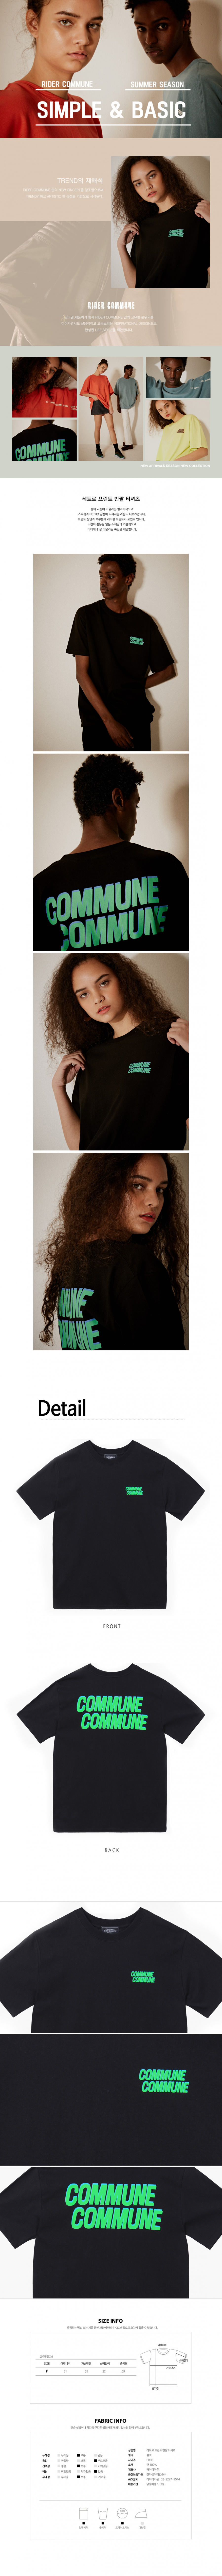 라이더커뮨(RIDER COMMUNE) 레트로 프린트 티셔츠 - 블랙(남여공용)